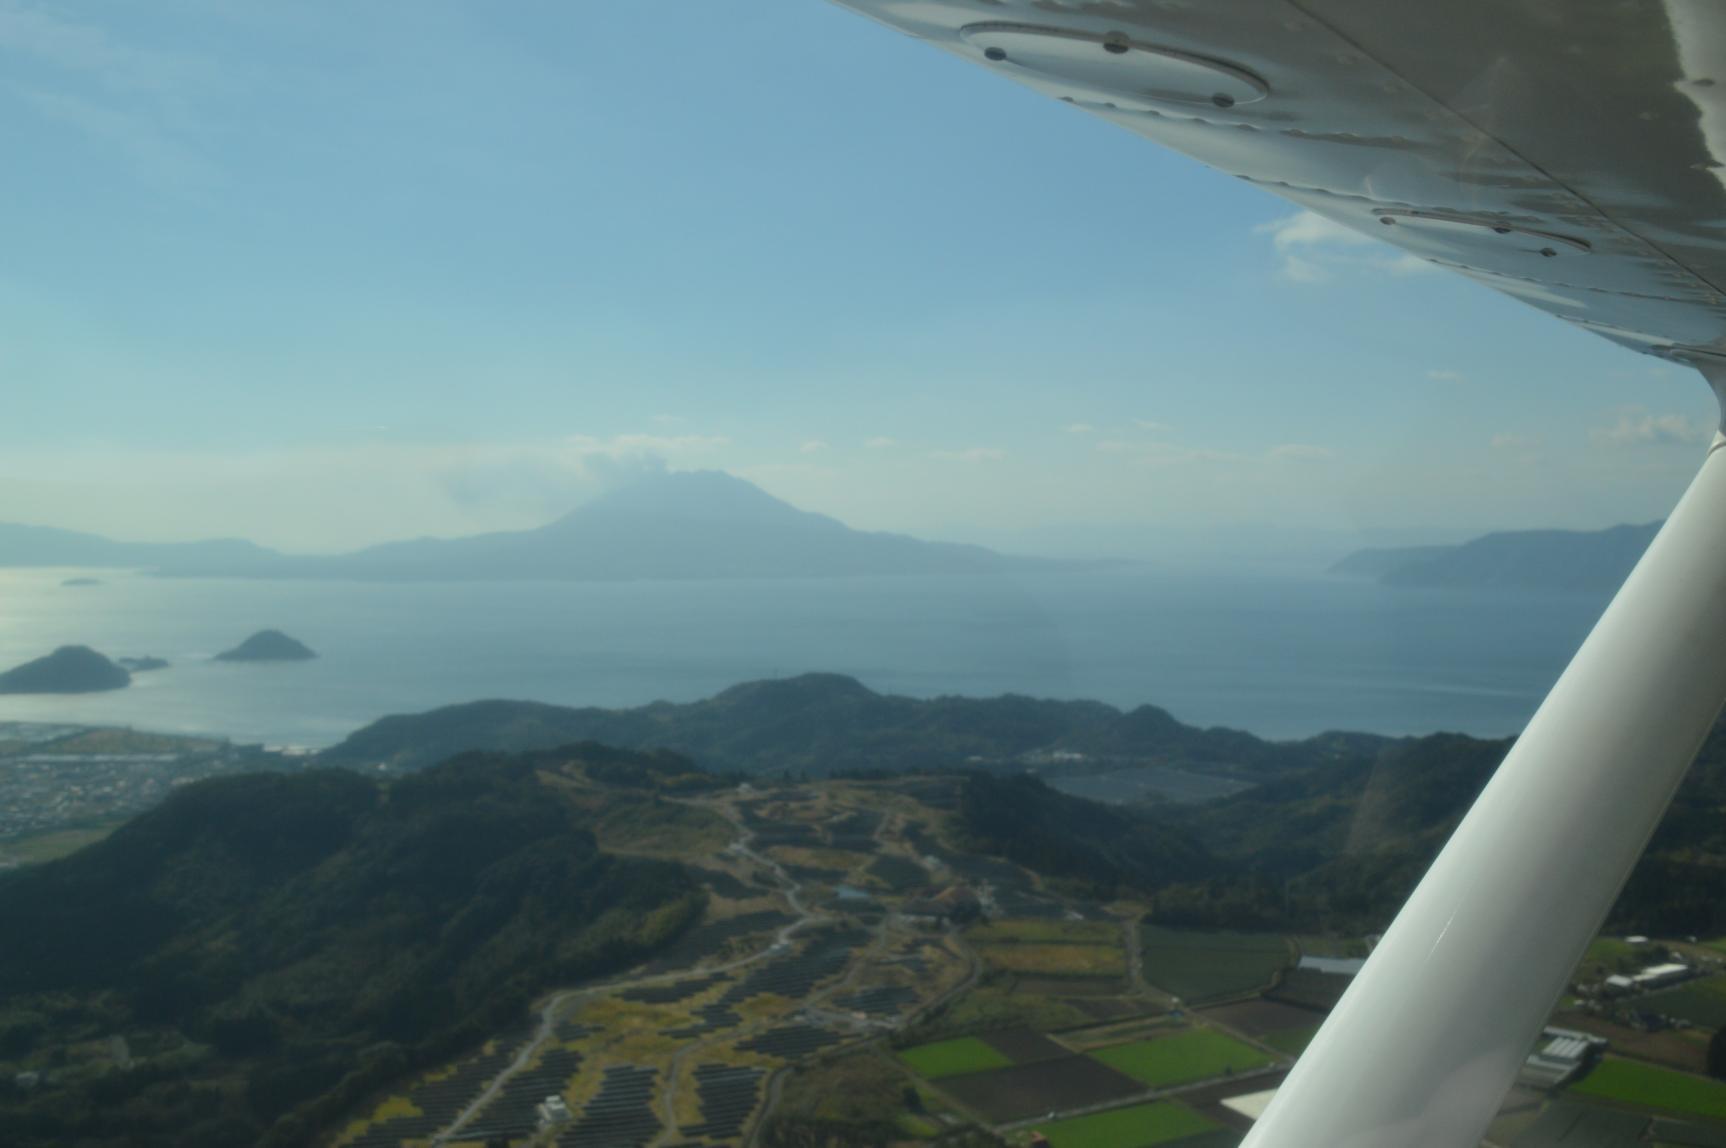 いざ、鹿児島の大空へ!パノラマの景色を楽しもう-8